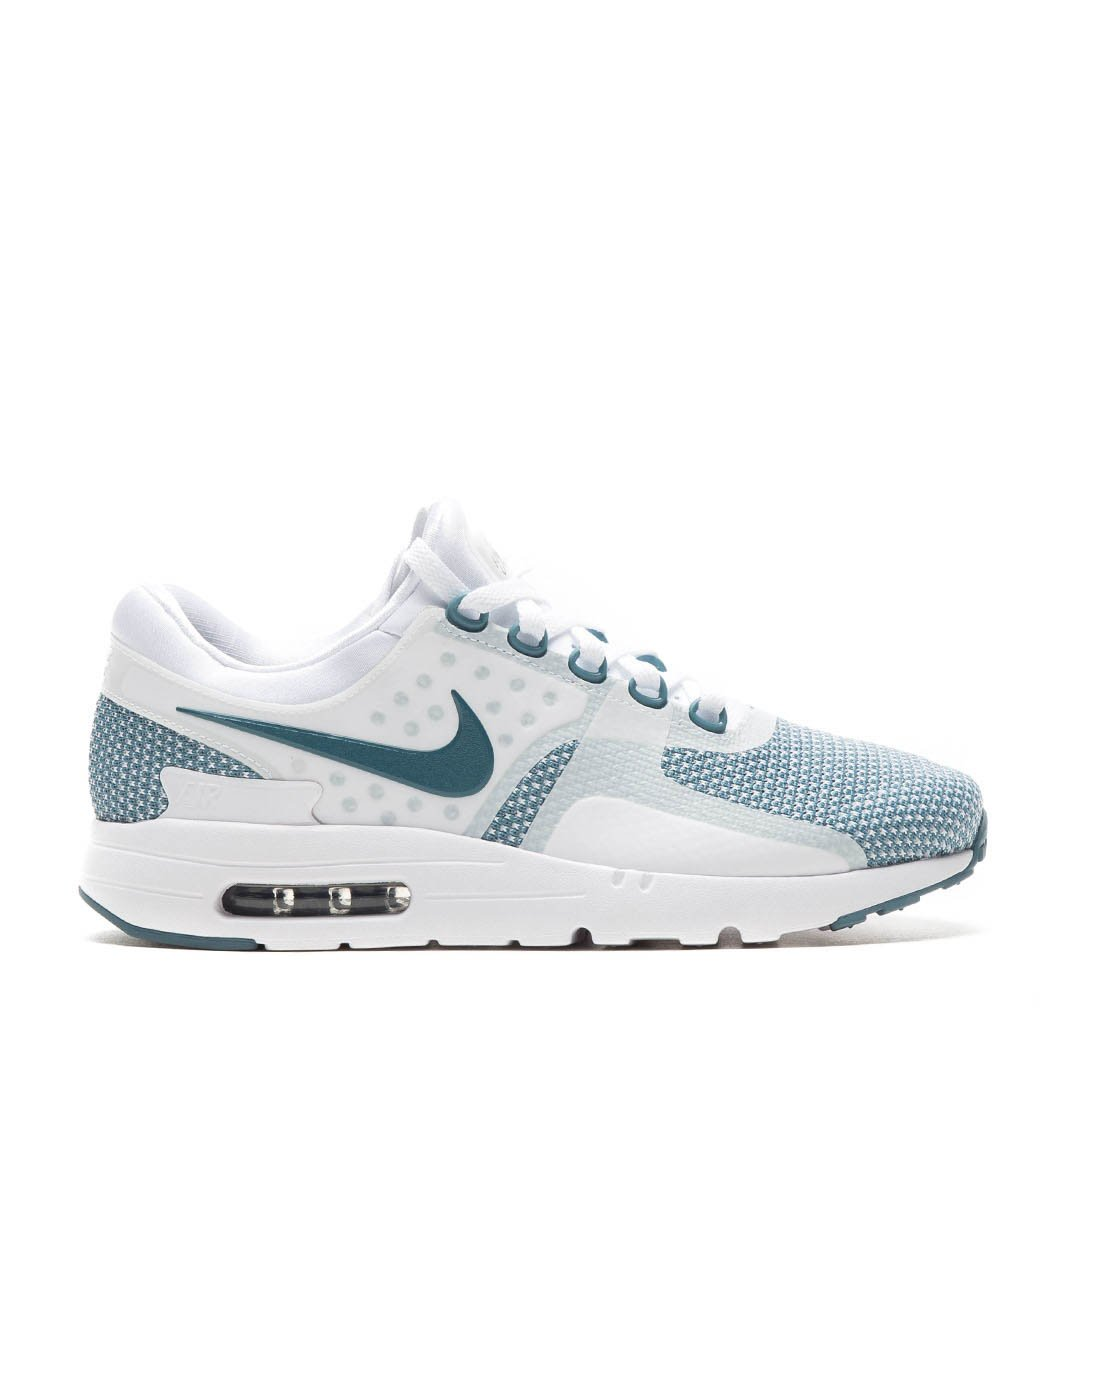 Nike Men's Air Max Zero Essential BlueWhiteObsidian 876070 003 (Size: 12)